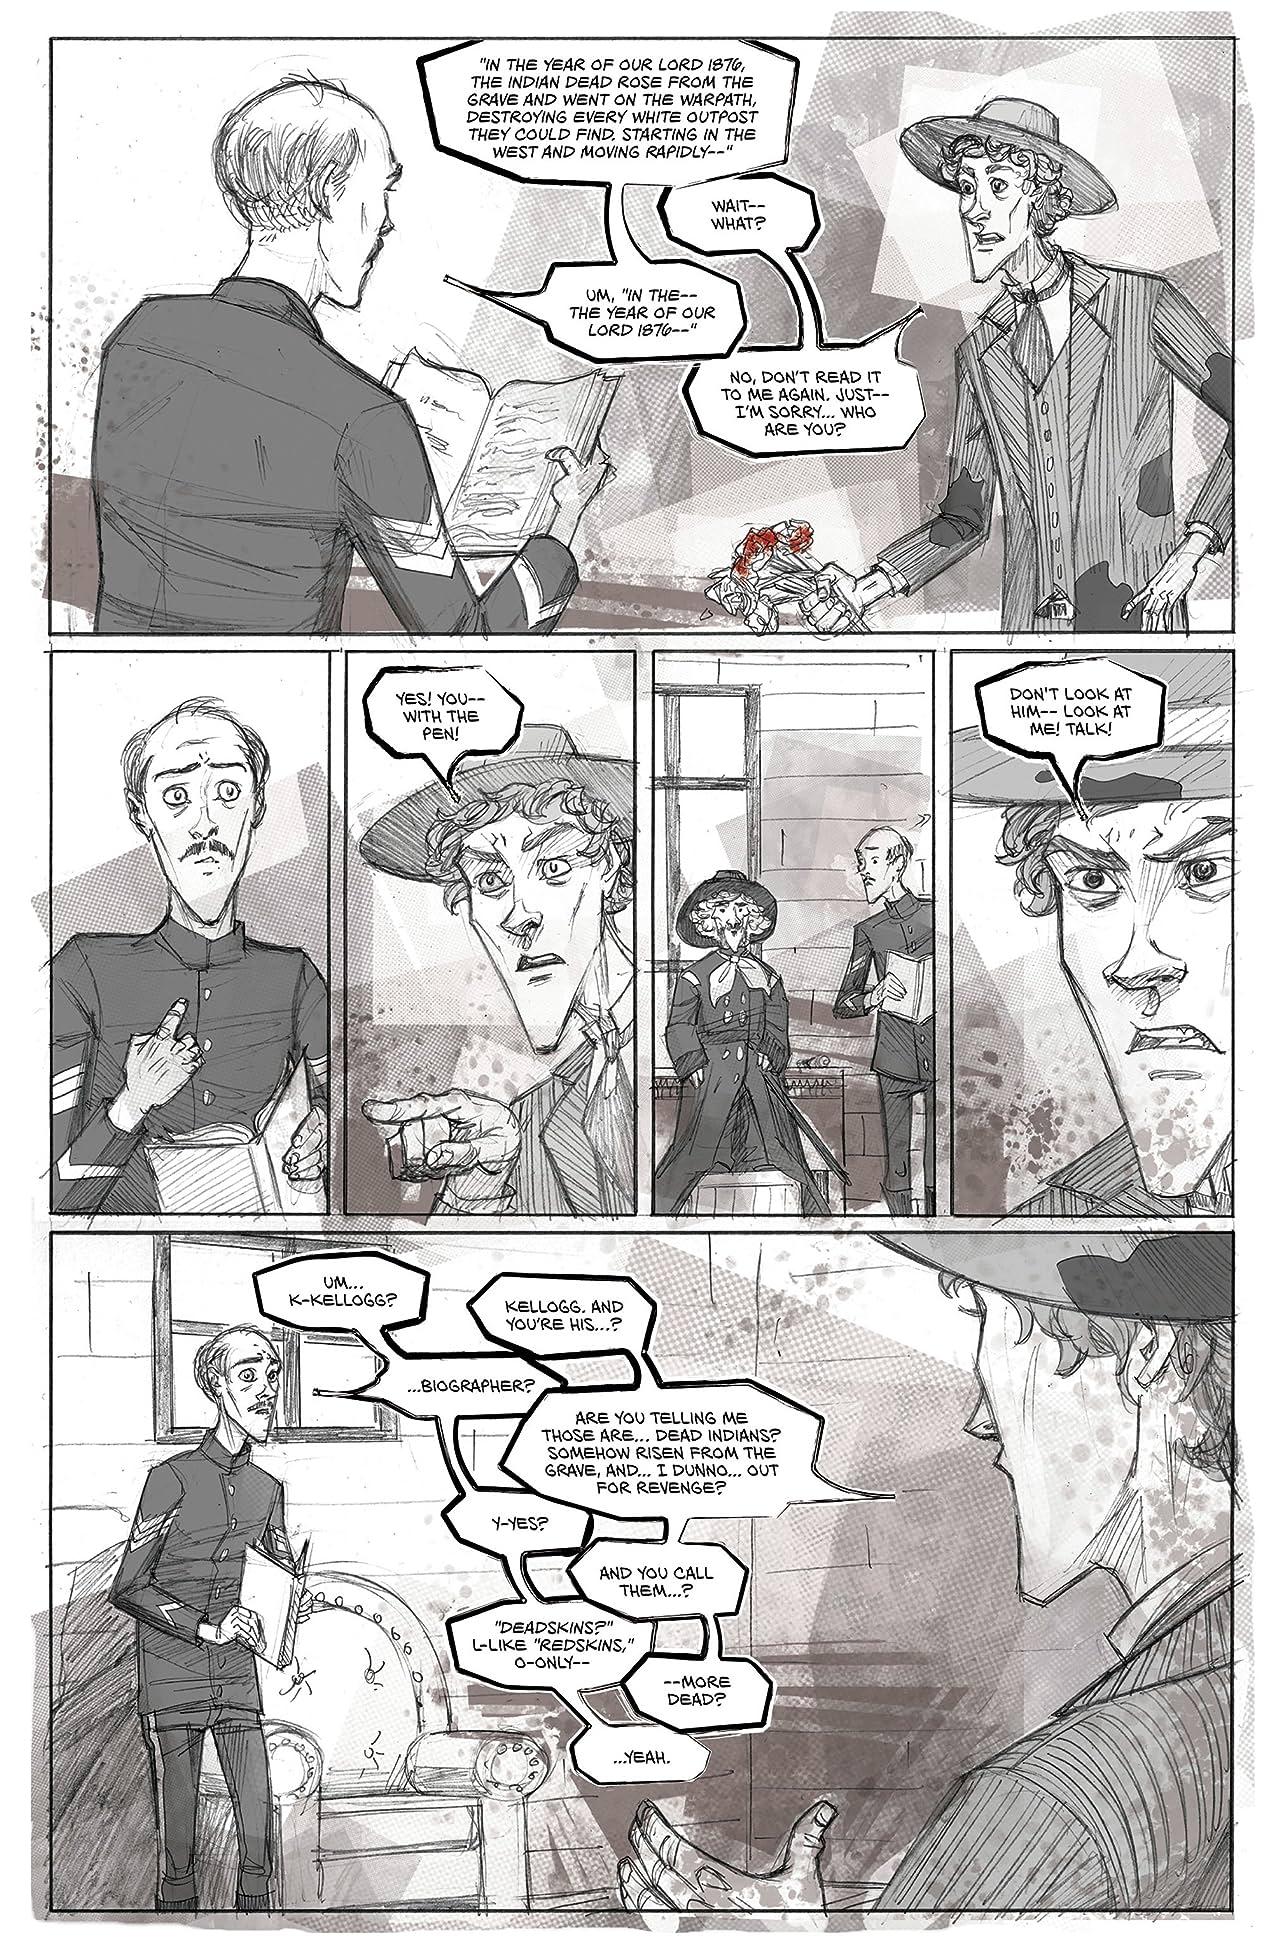 Deadskins! #3